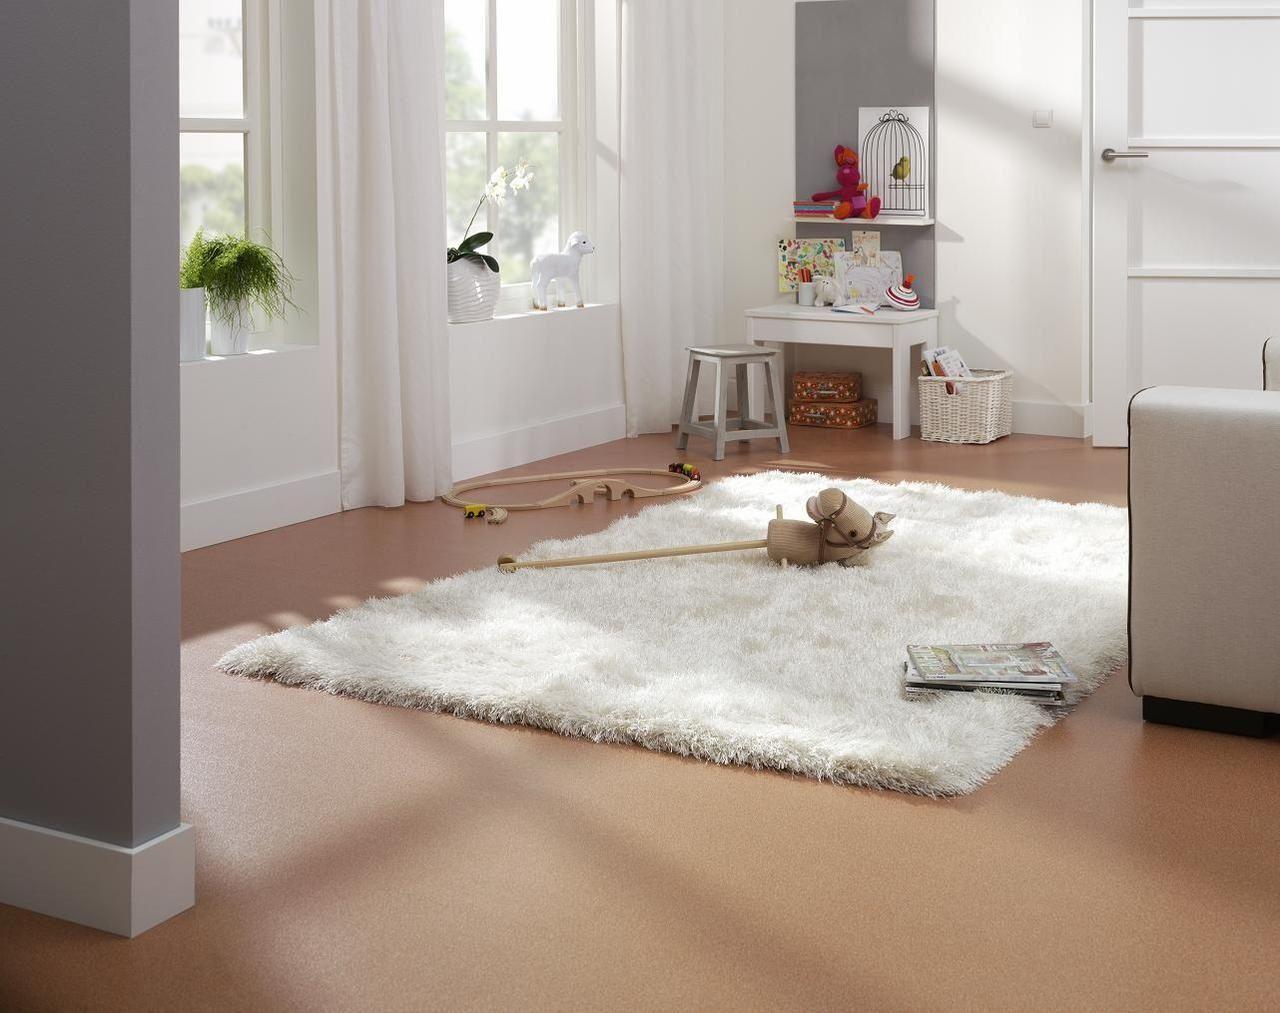 Heerlijk spelen op een fijn zacht vloerkleed karpetten